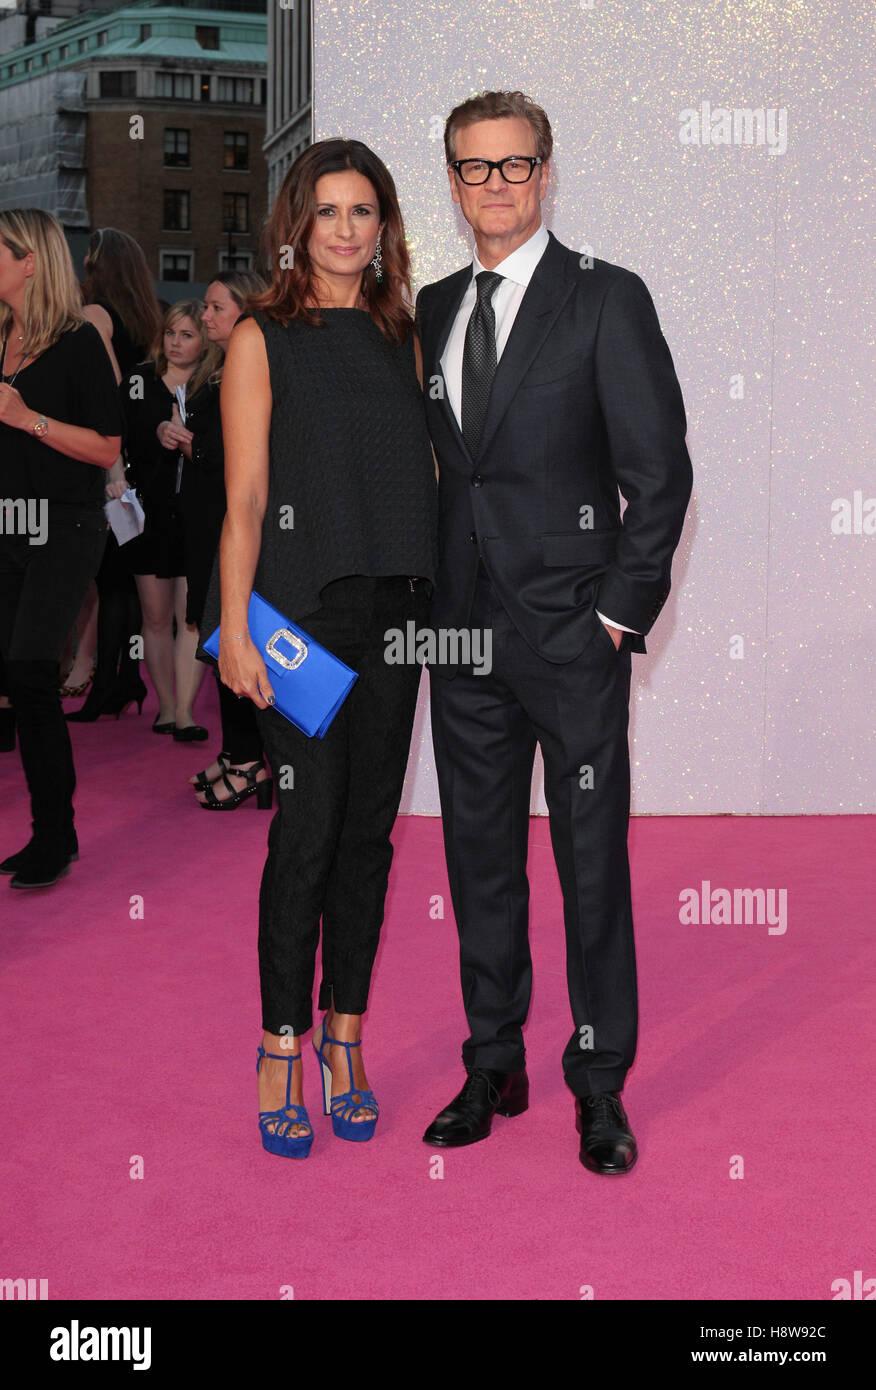 Livia Giuggioli und Colin Firth zu besuchen Bridget Jone Baby-Filmpremiere London am 05 September 2016 Stockbild